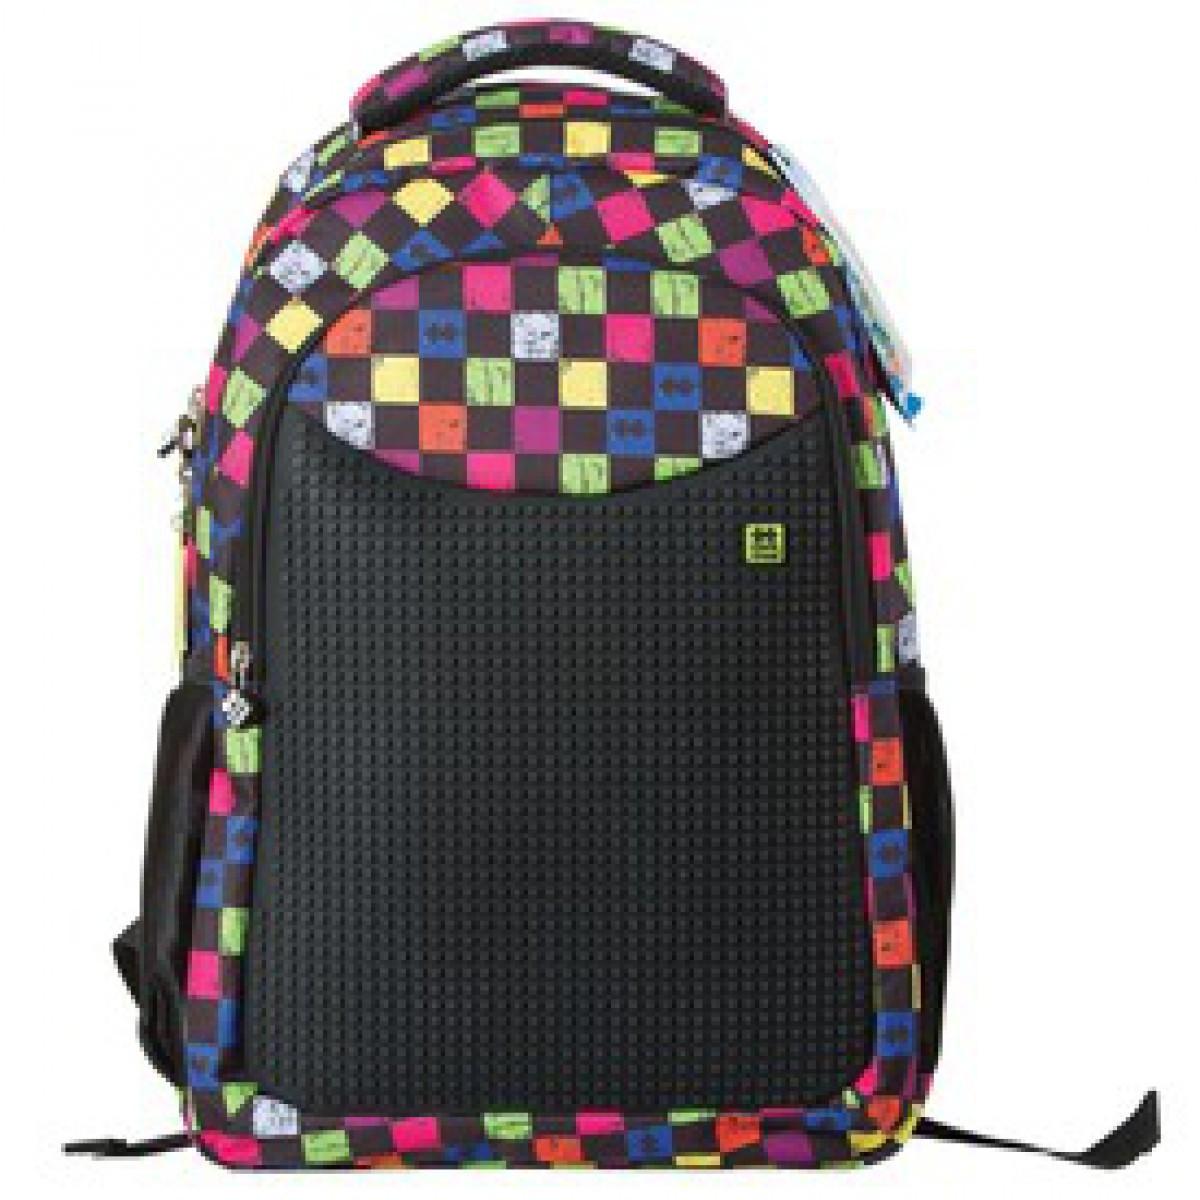 488191295944 Pixie iskolás hátizsák, iskolatáska - fekete, kockás - PIXIE iskolatáskák